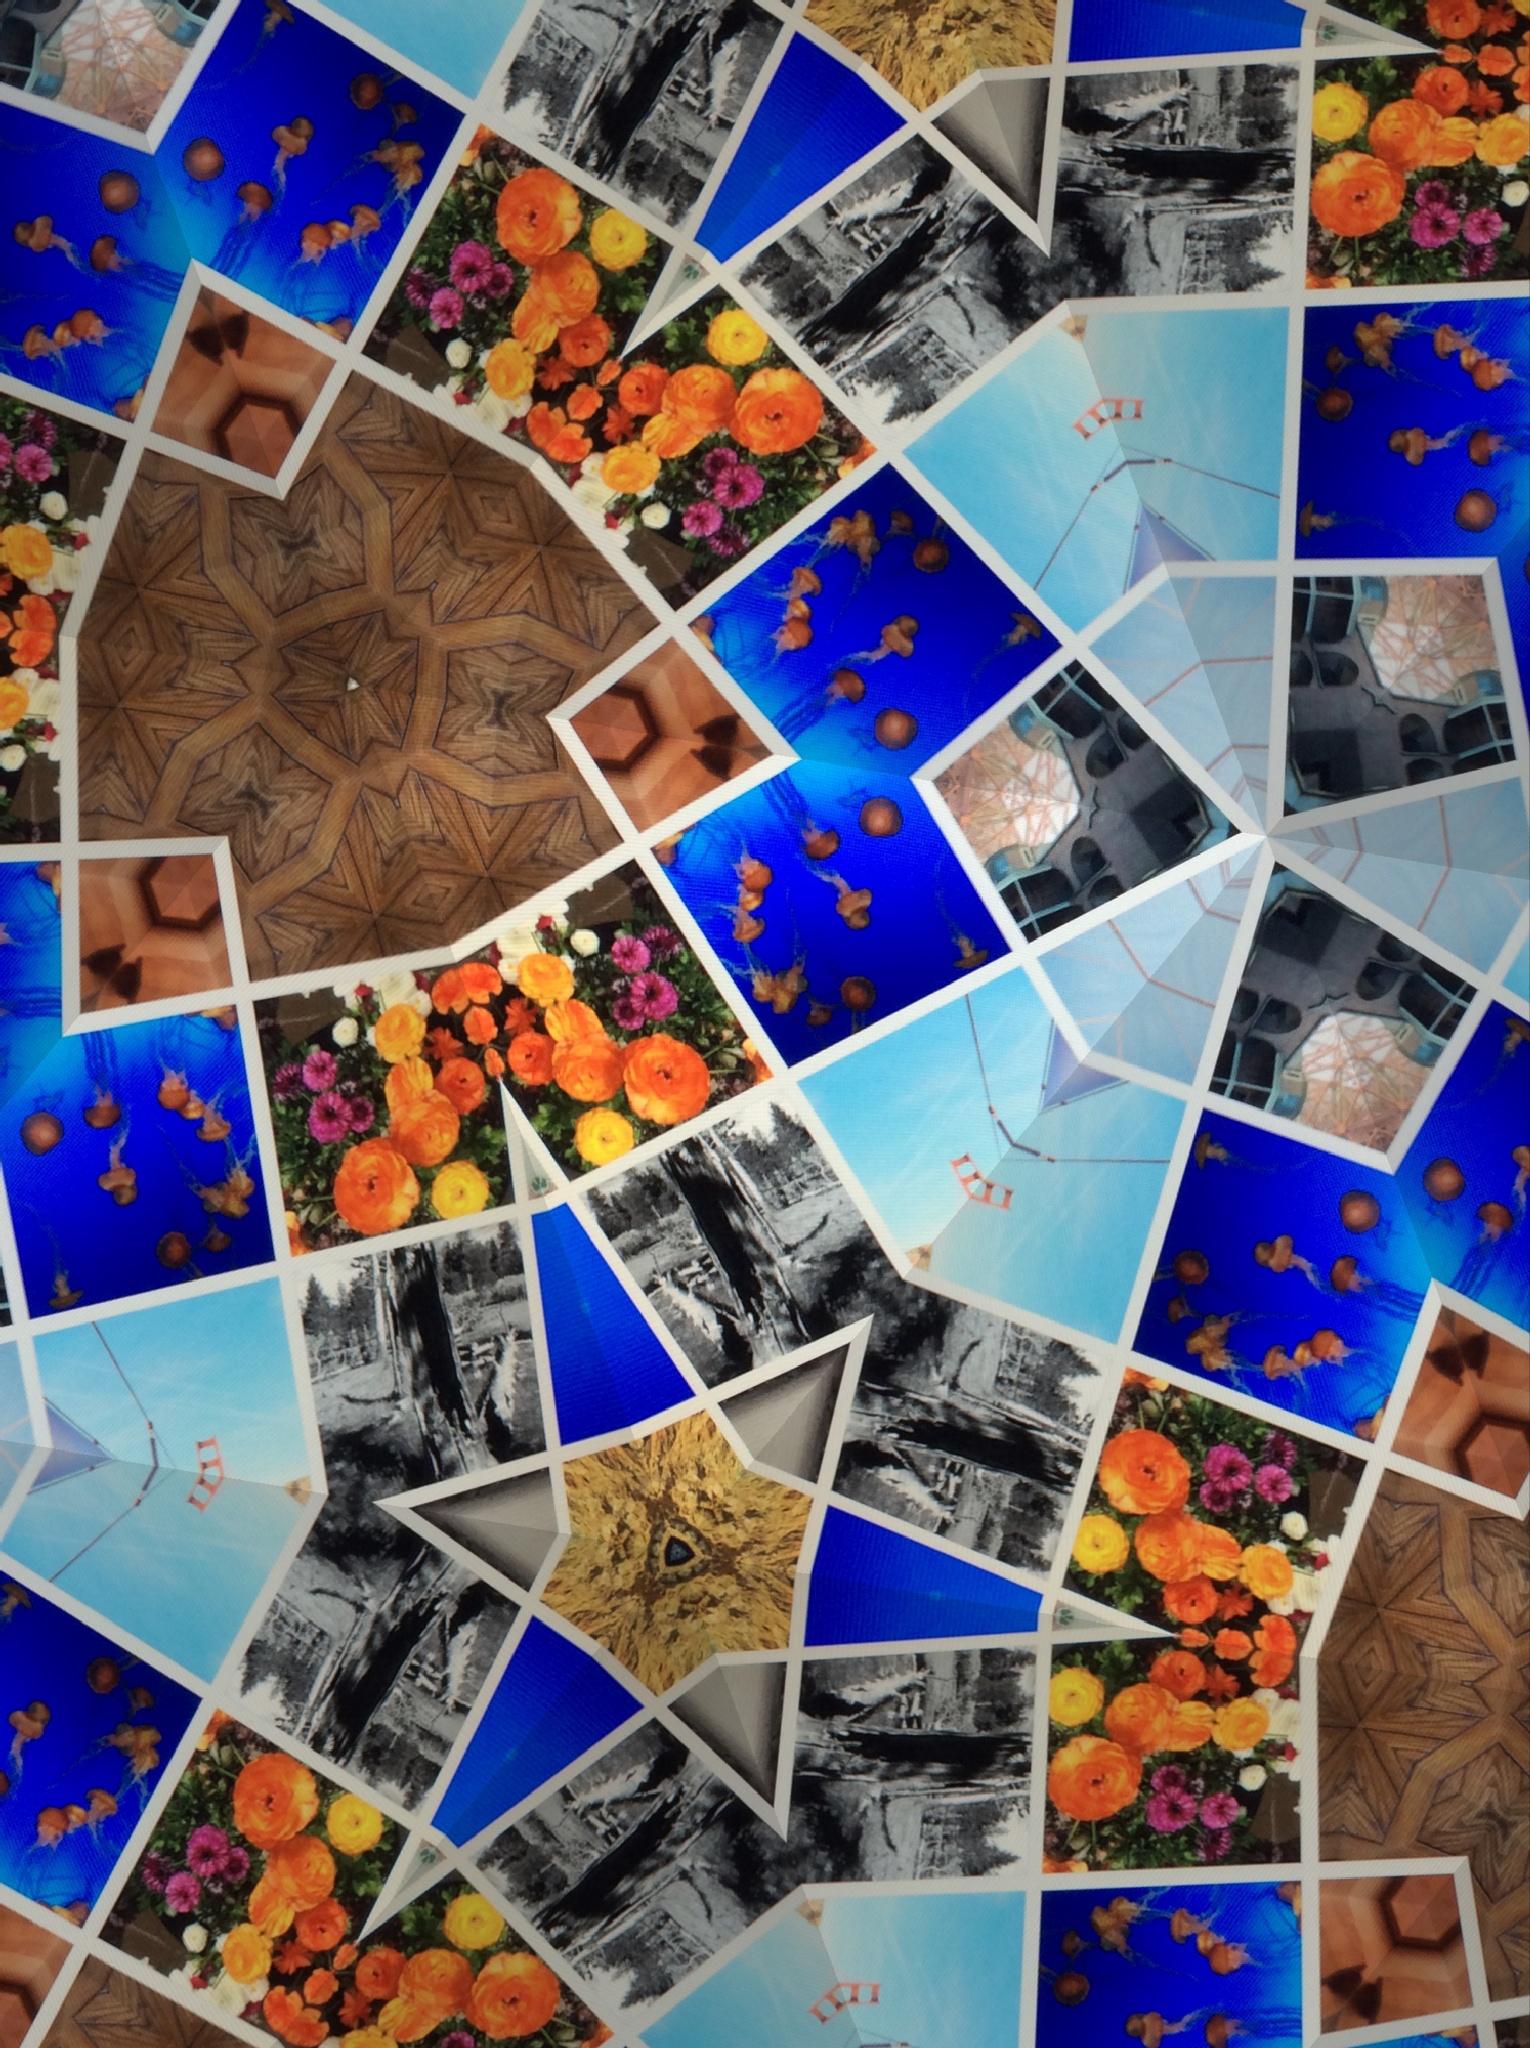 Collage by rayboudewyn